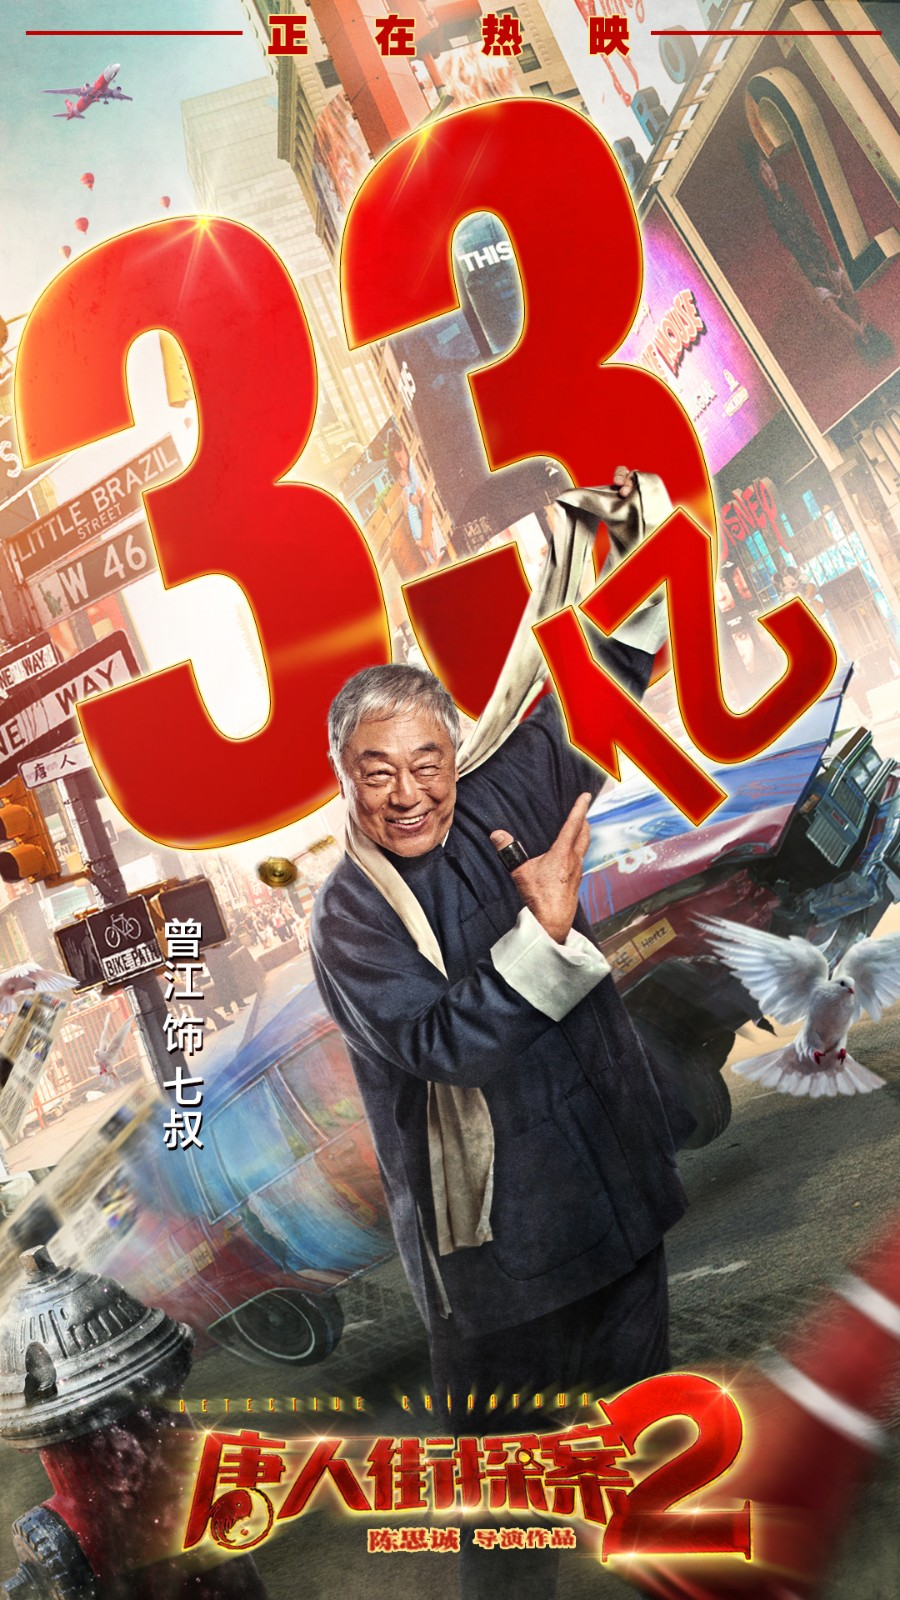 《唐人街探案2》票房破33亿 制片人:没人敢担保 只能自己保自己